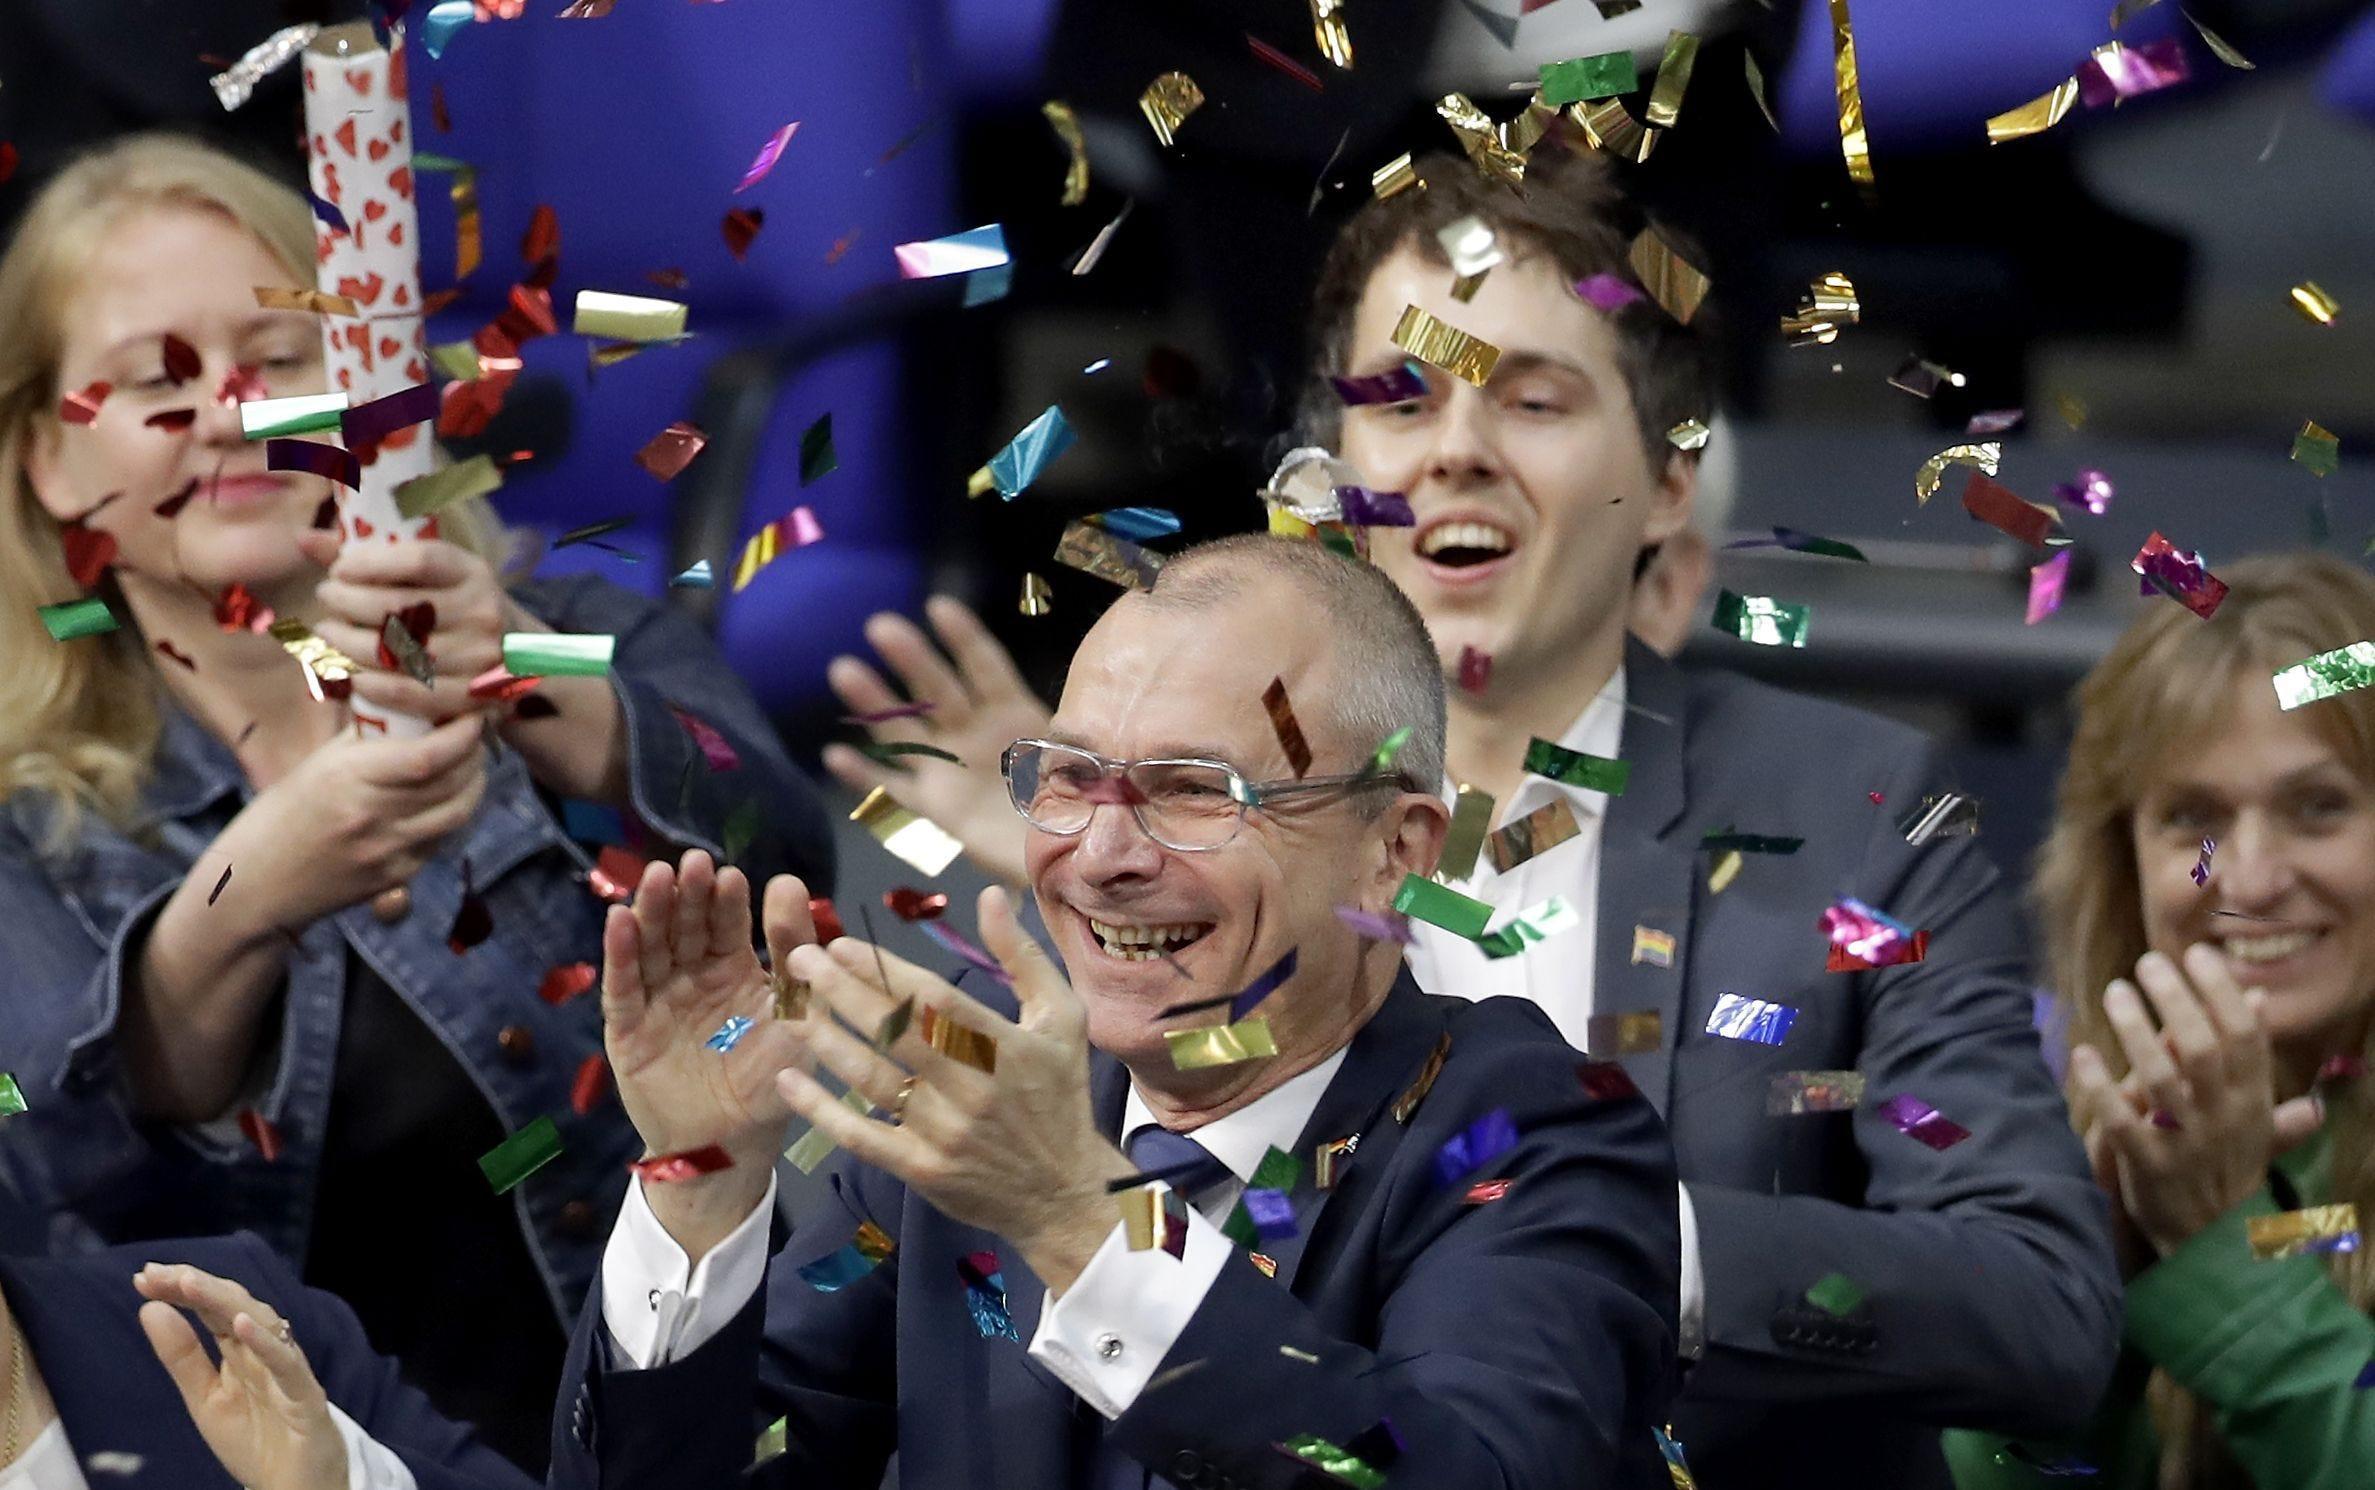 German parliament legalizes same-sex marriage unions 30.06.2017 11